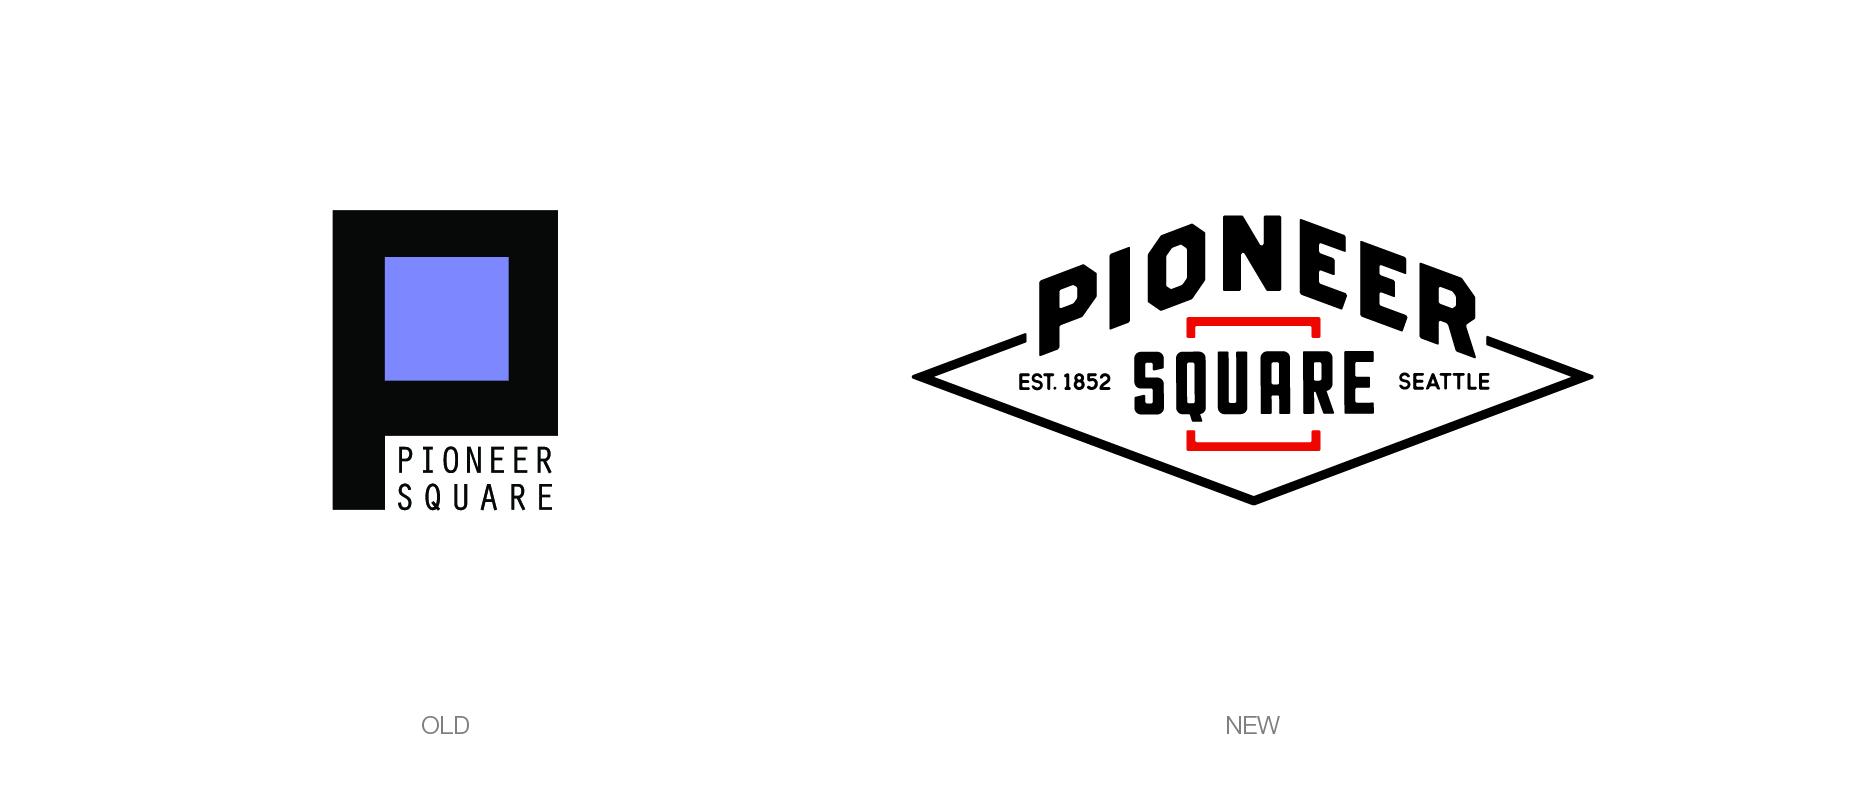 PSQ_Rebrand_LogoComparison